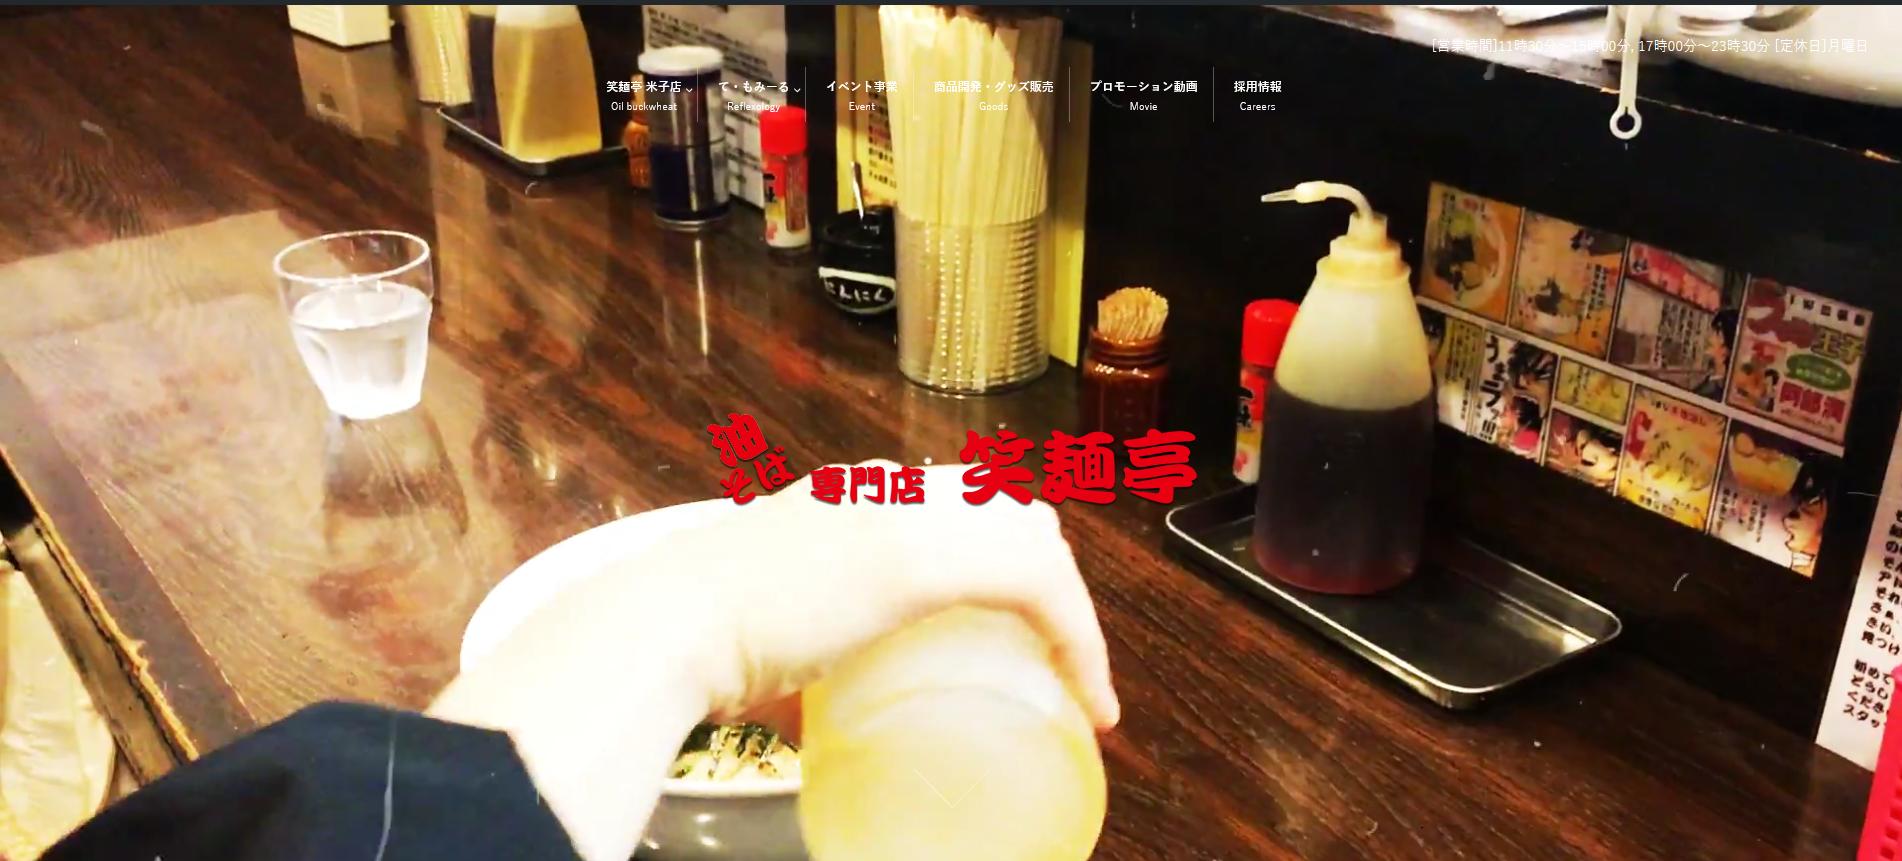 油そば専門店「笑麺亭」米子店